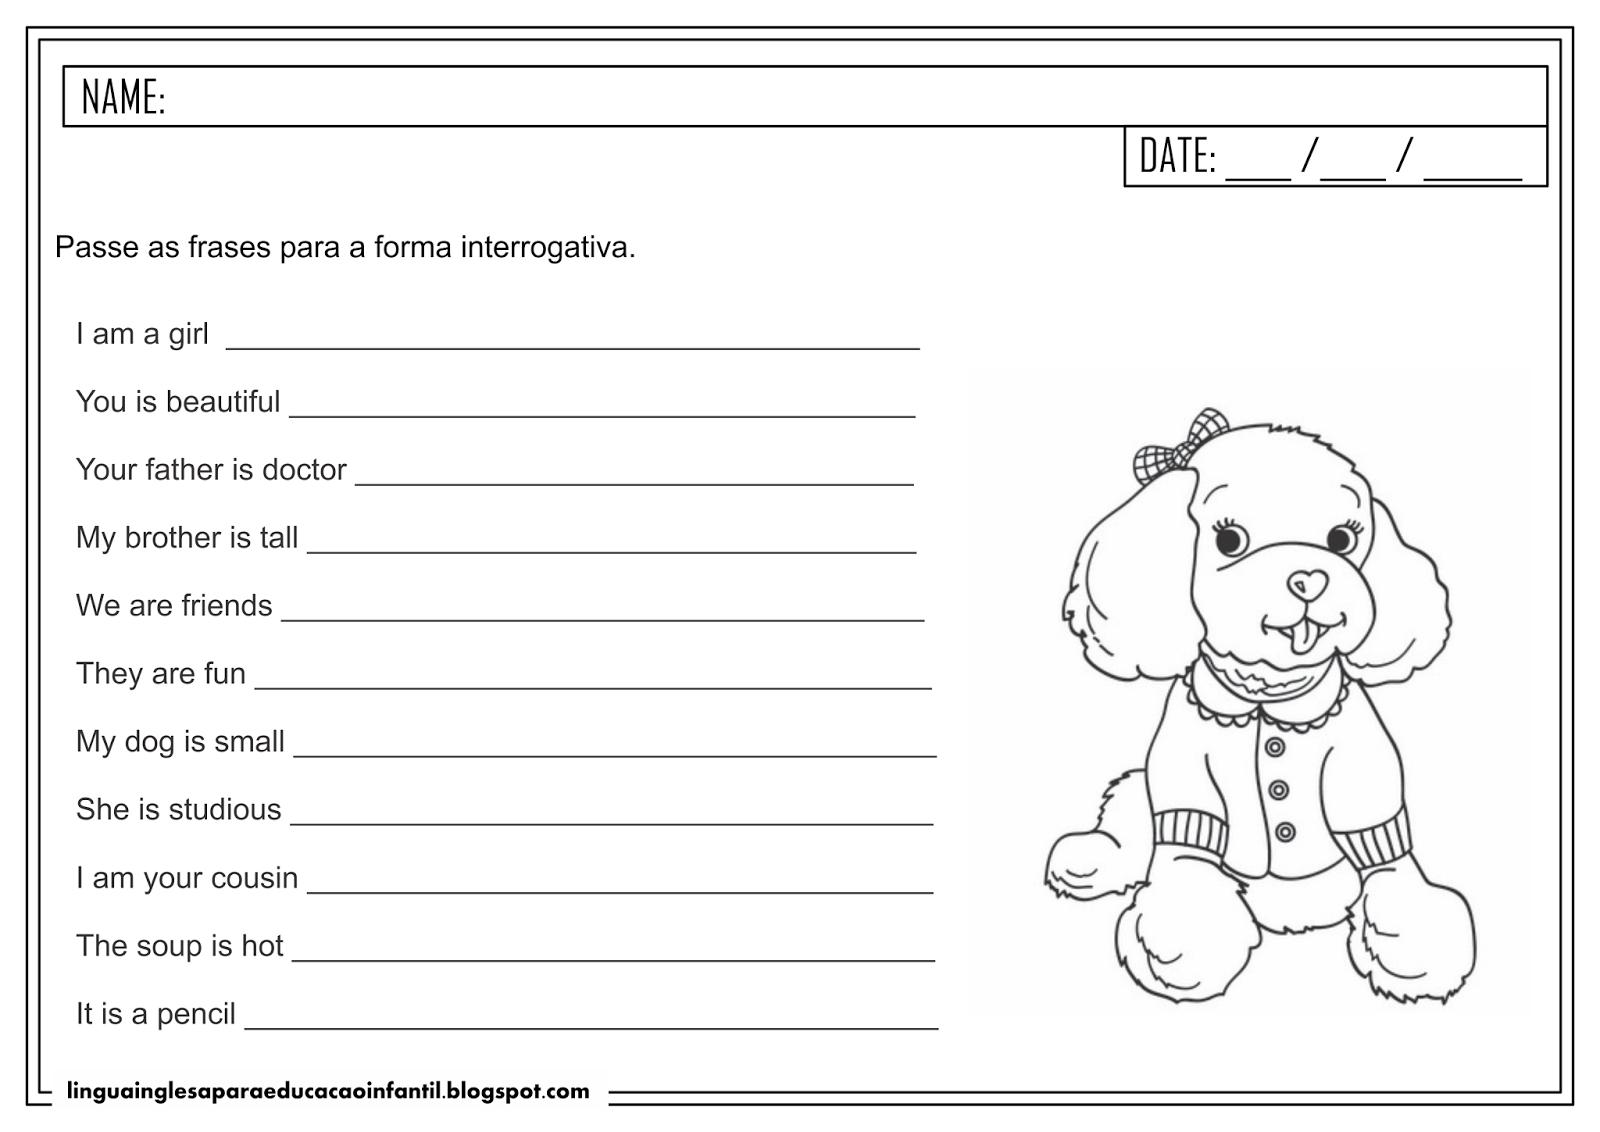 Atividade de inglês para Educação Infantil - Forma interrogativo do verbo 'To Be'